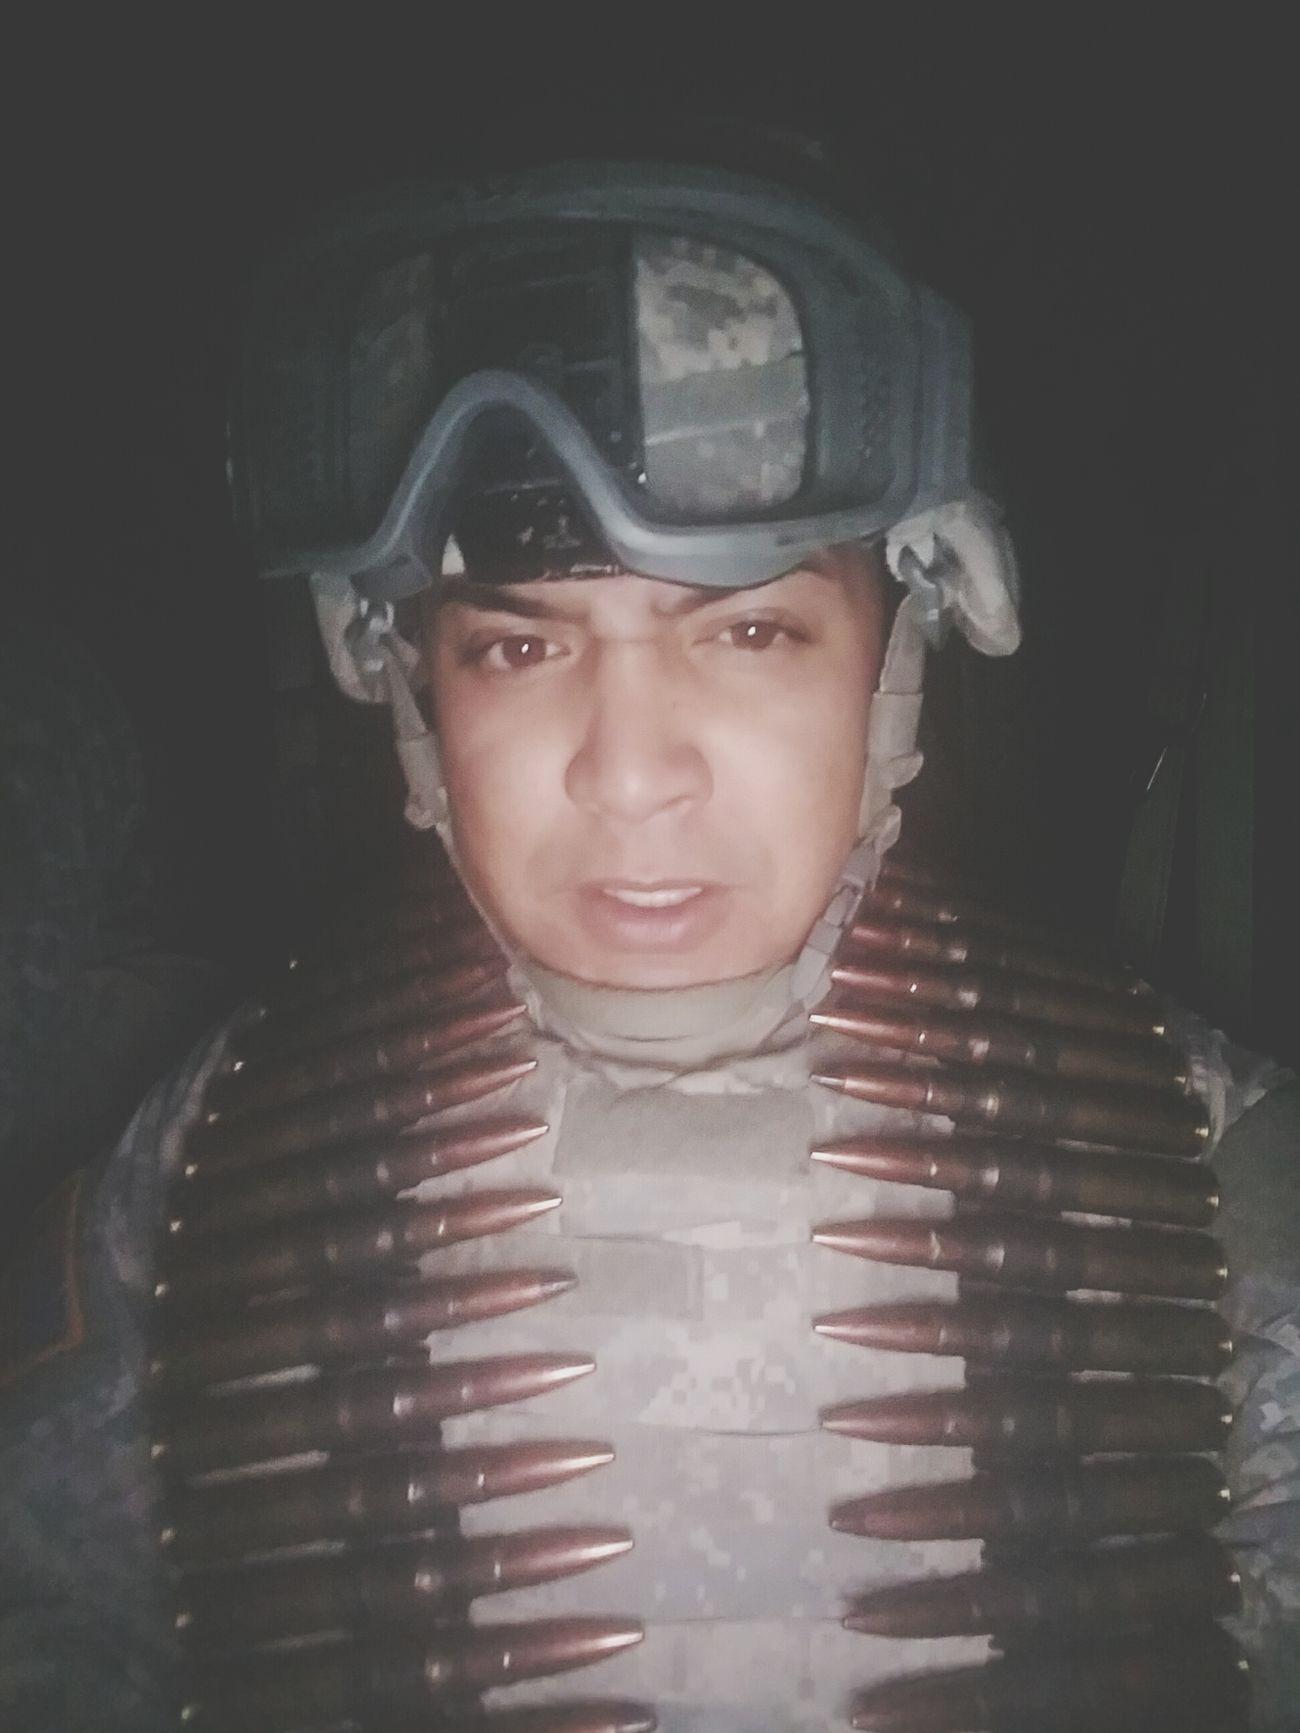 My last hooahSoldier Soldierlife Soldier Boy 4 Life Military Military Life Army Army Strong Army Life Army Hooah!!! Armyboy